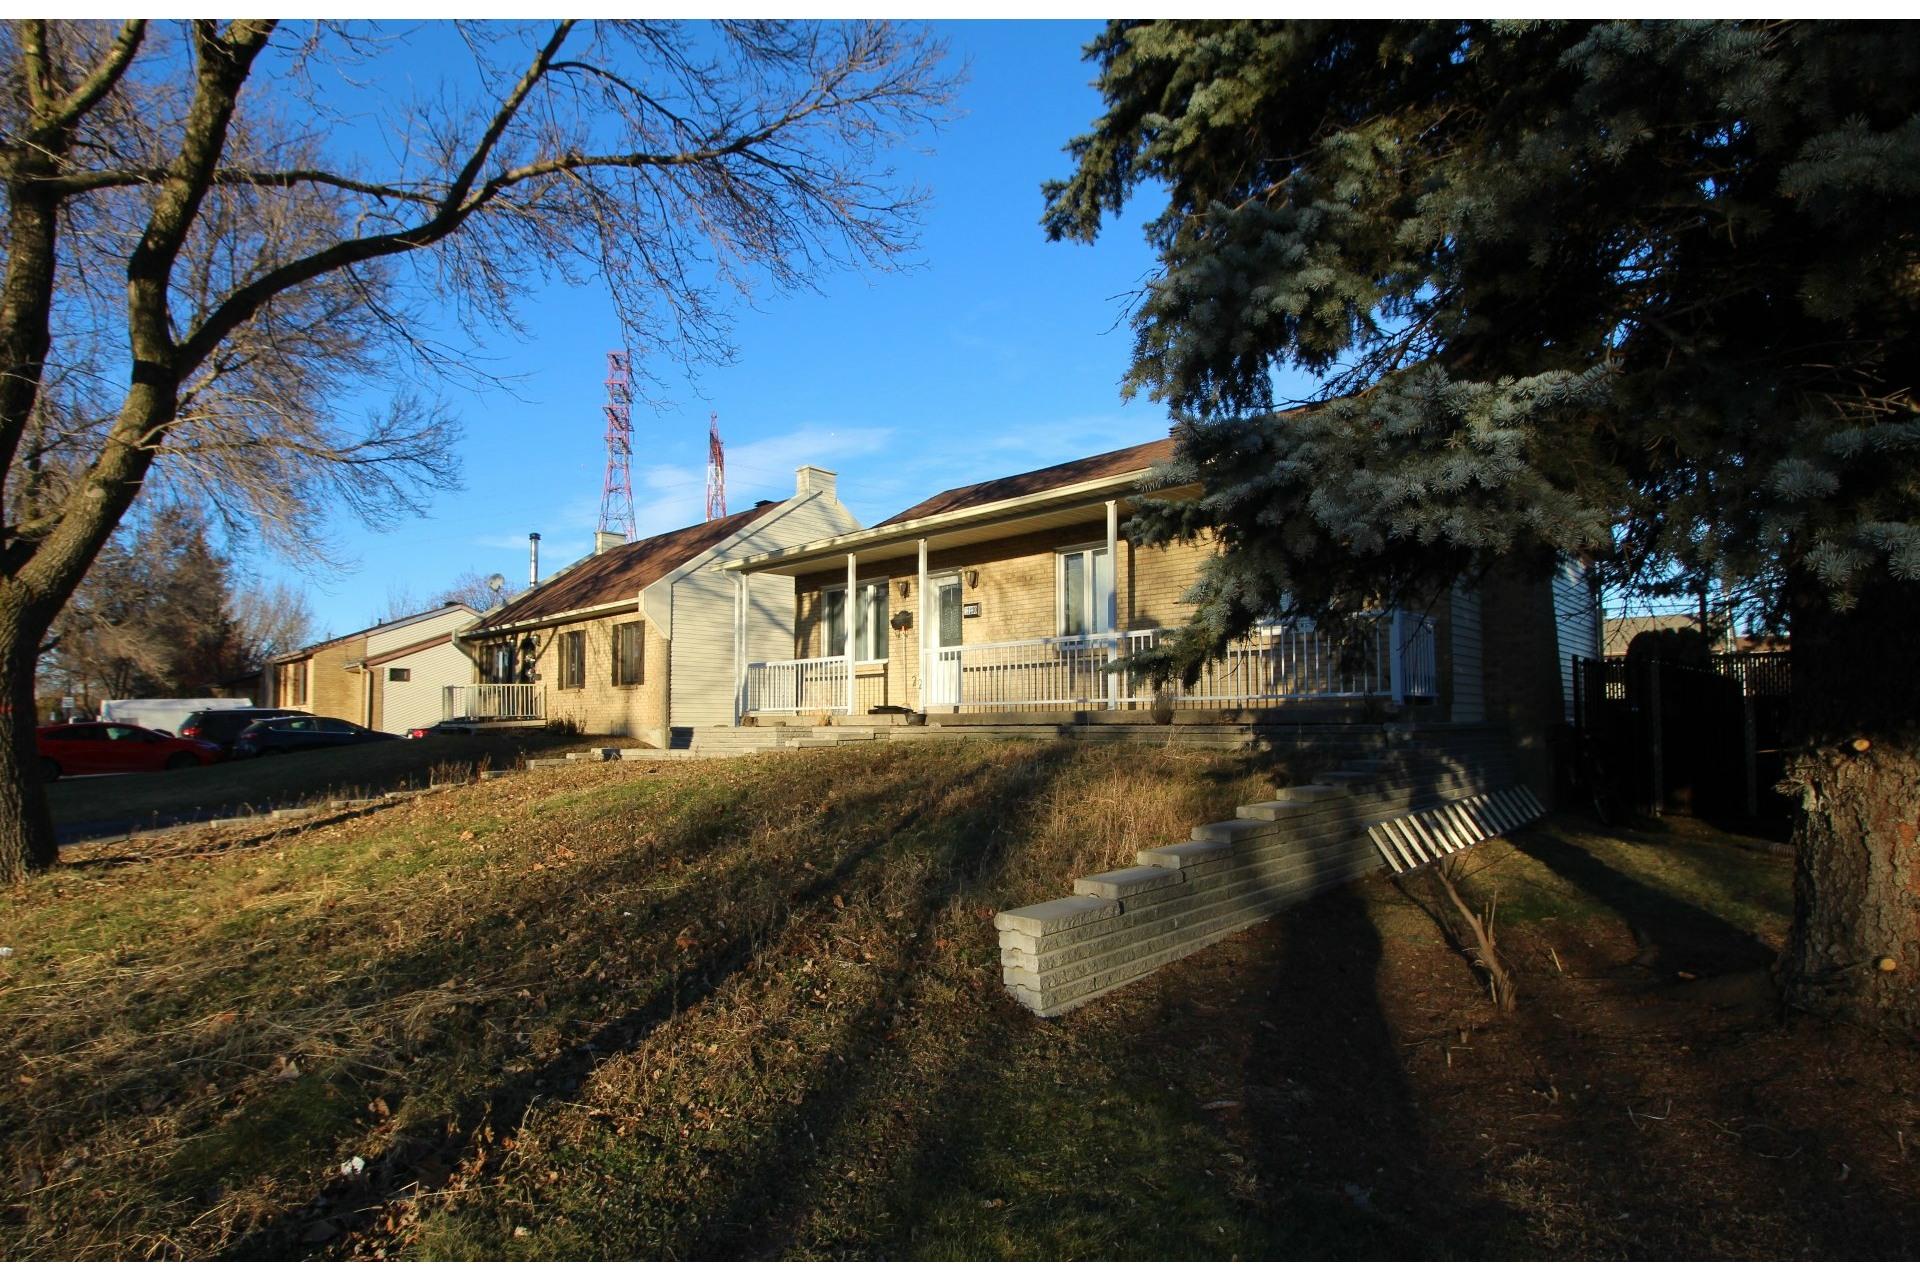 image 26 - Maison À vendre Rivière-des-Prairies/Pointe-aux-Trembles Montréal  - 9 pièces